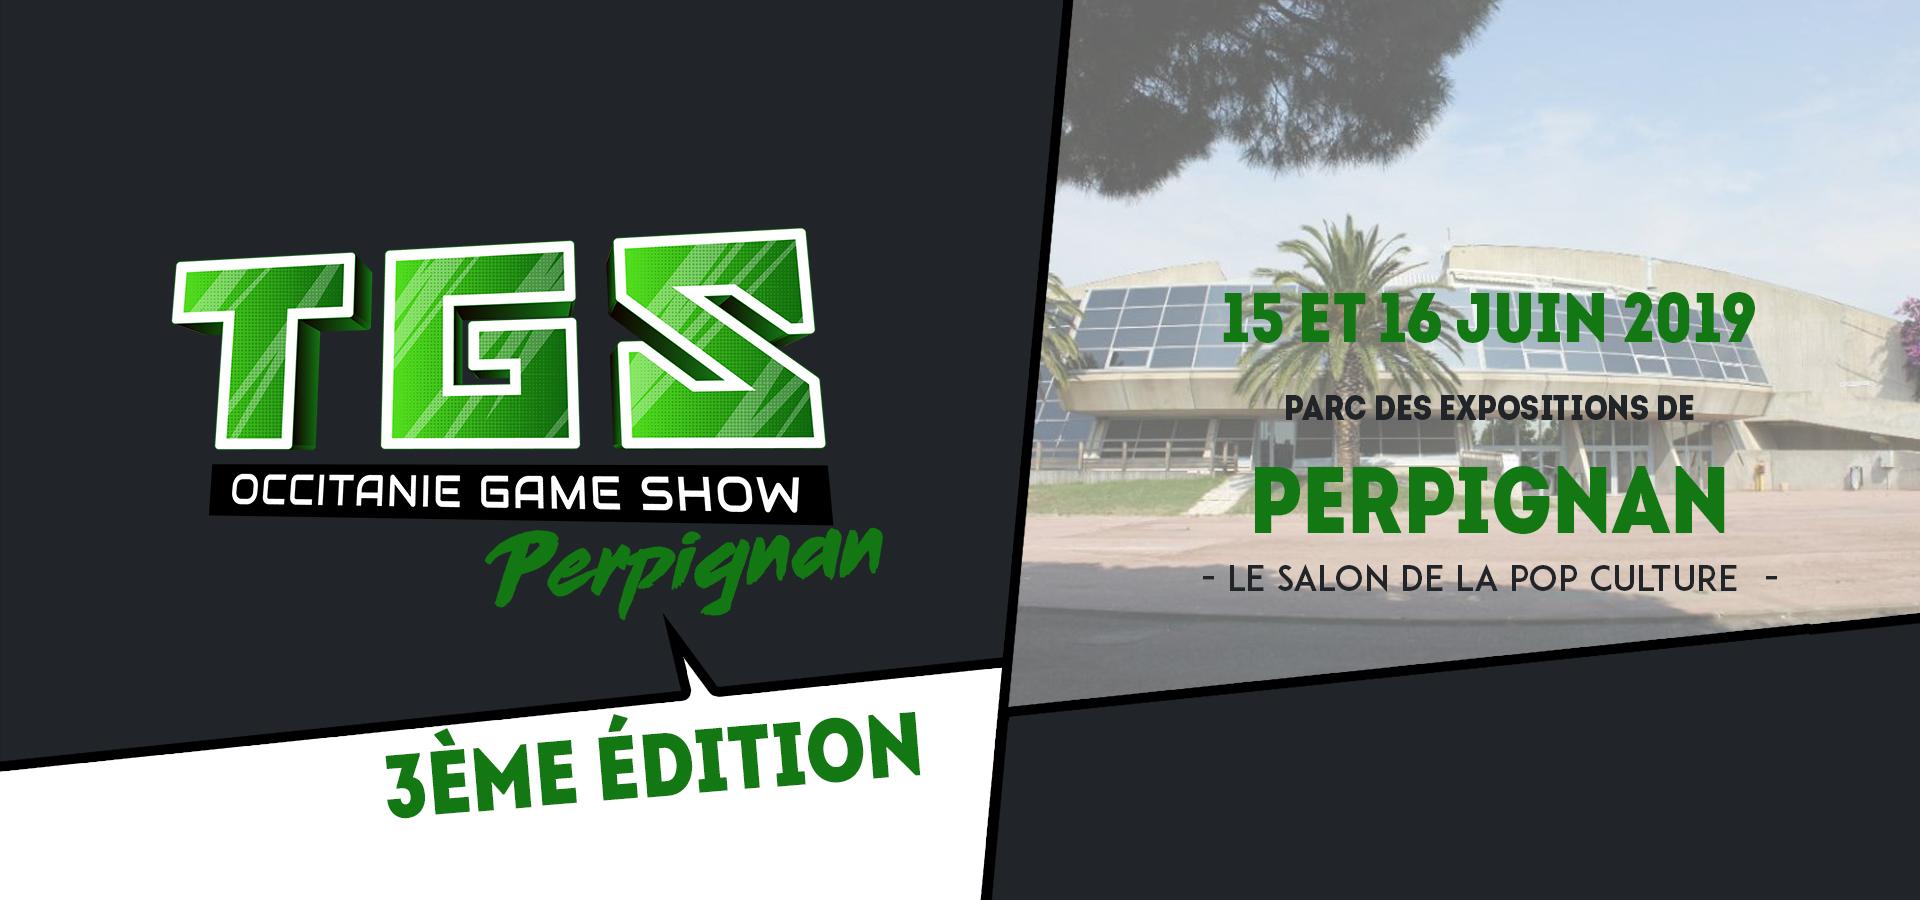 http://tgs-perpignan.fr/Date TGS Perpignan